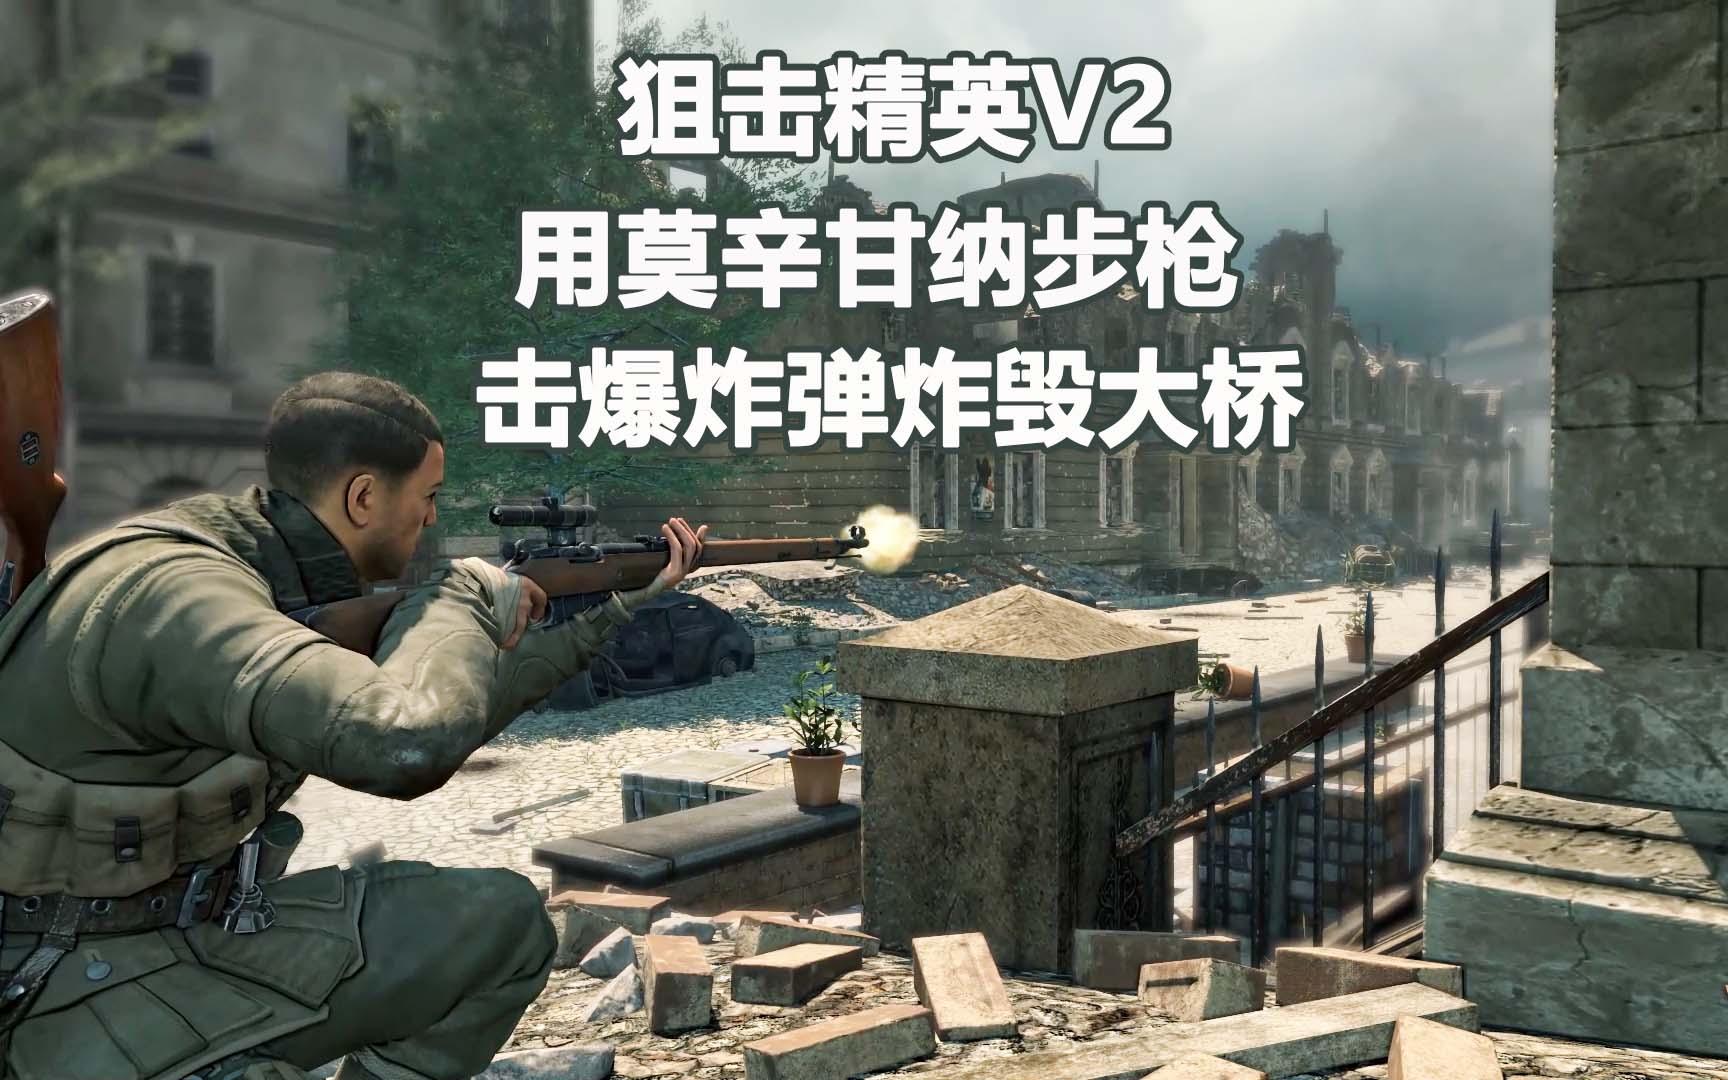 狙击精英V2:用莫辛甘纳狙击步枪,一枪击爆桥墩上炸弹,大桥崩塌